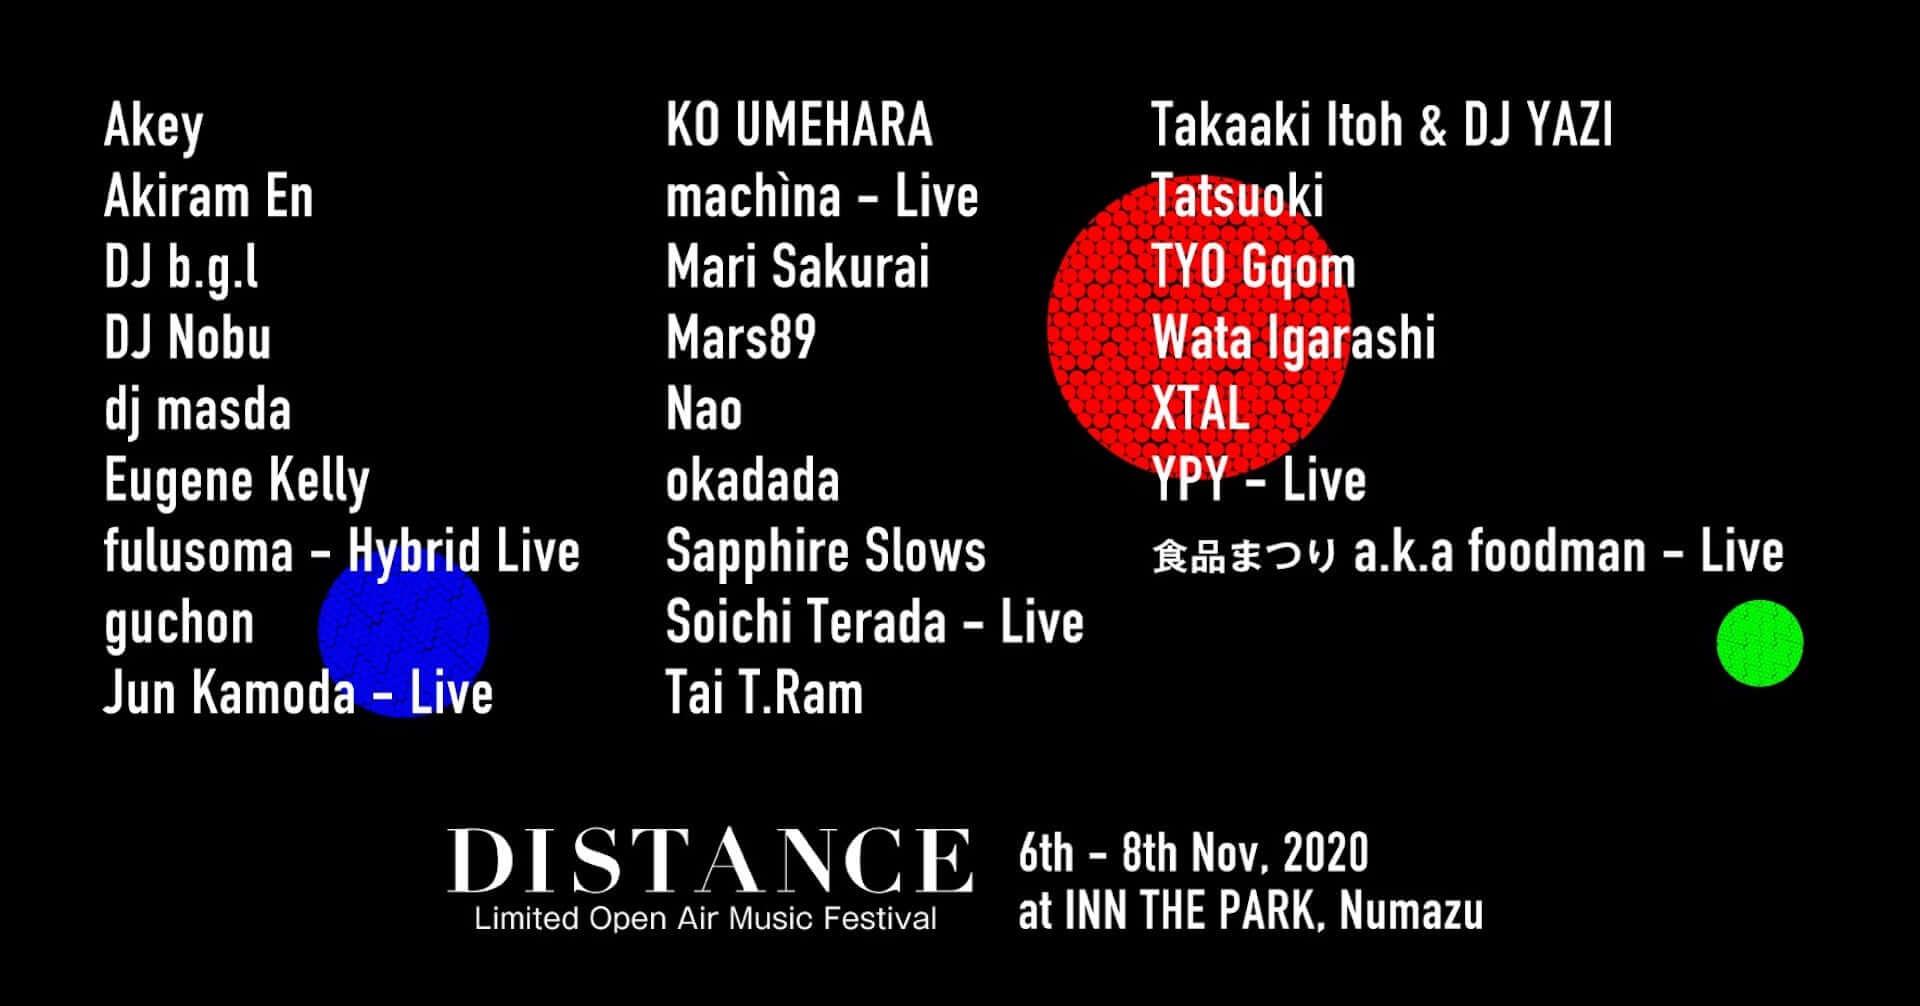 野外フェス<DISTANCE>にokadada、machìna、Wata Igarashi、Sapphire Slowsらが出演決定!静岡の泊まれる公園「INN THE PARK」にて開催 music201016_distance2020_9-1920x1006